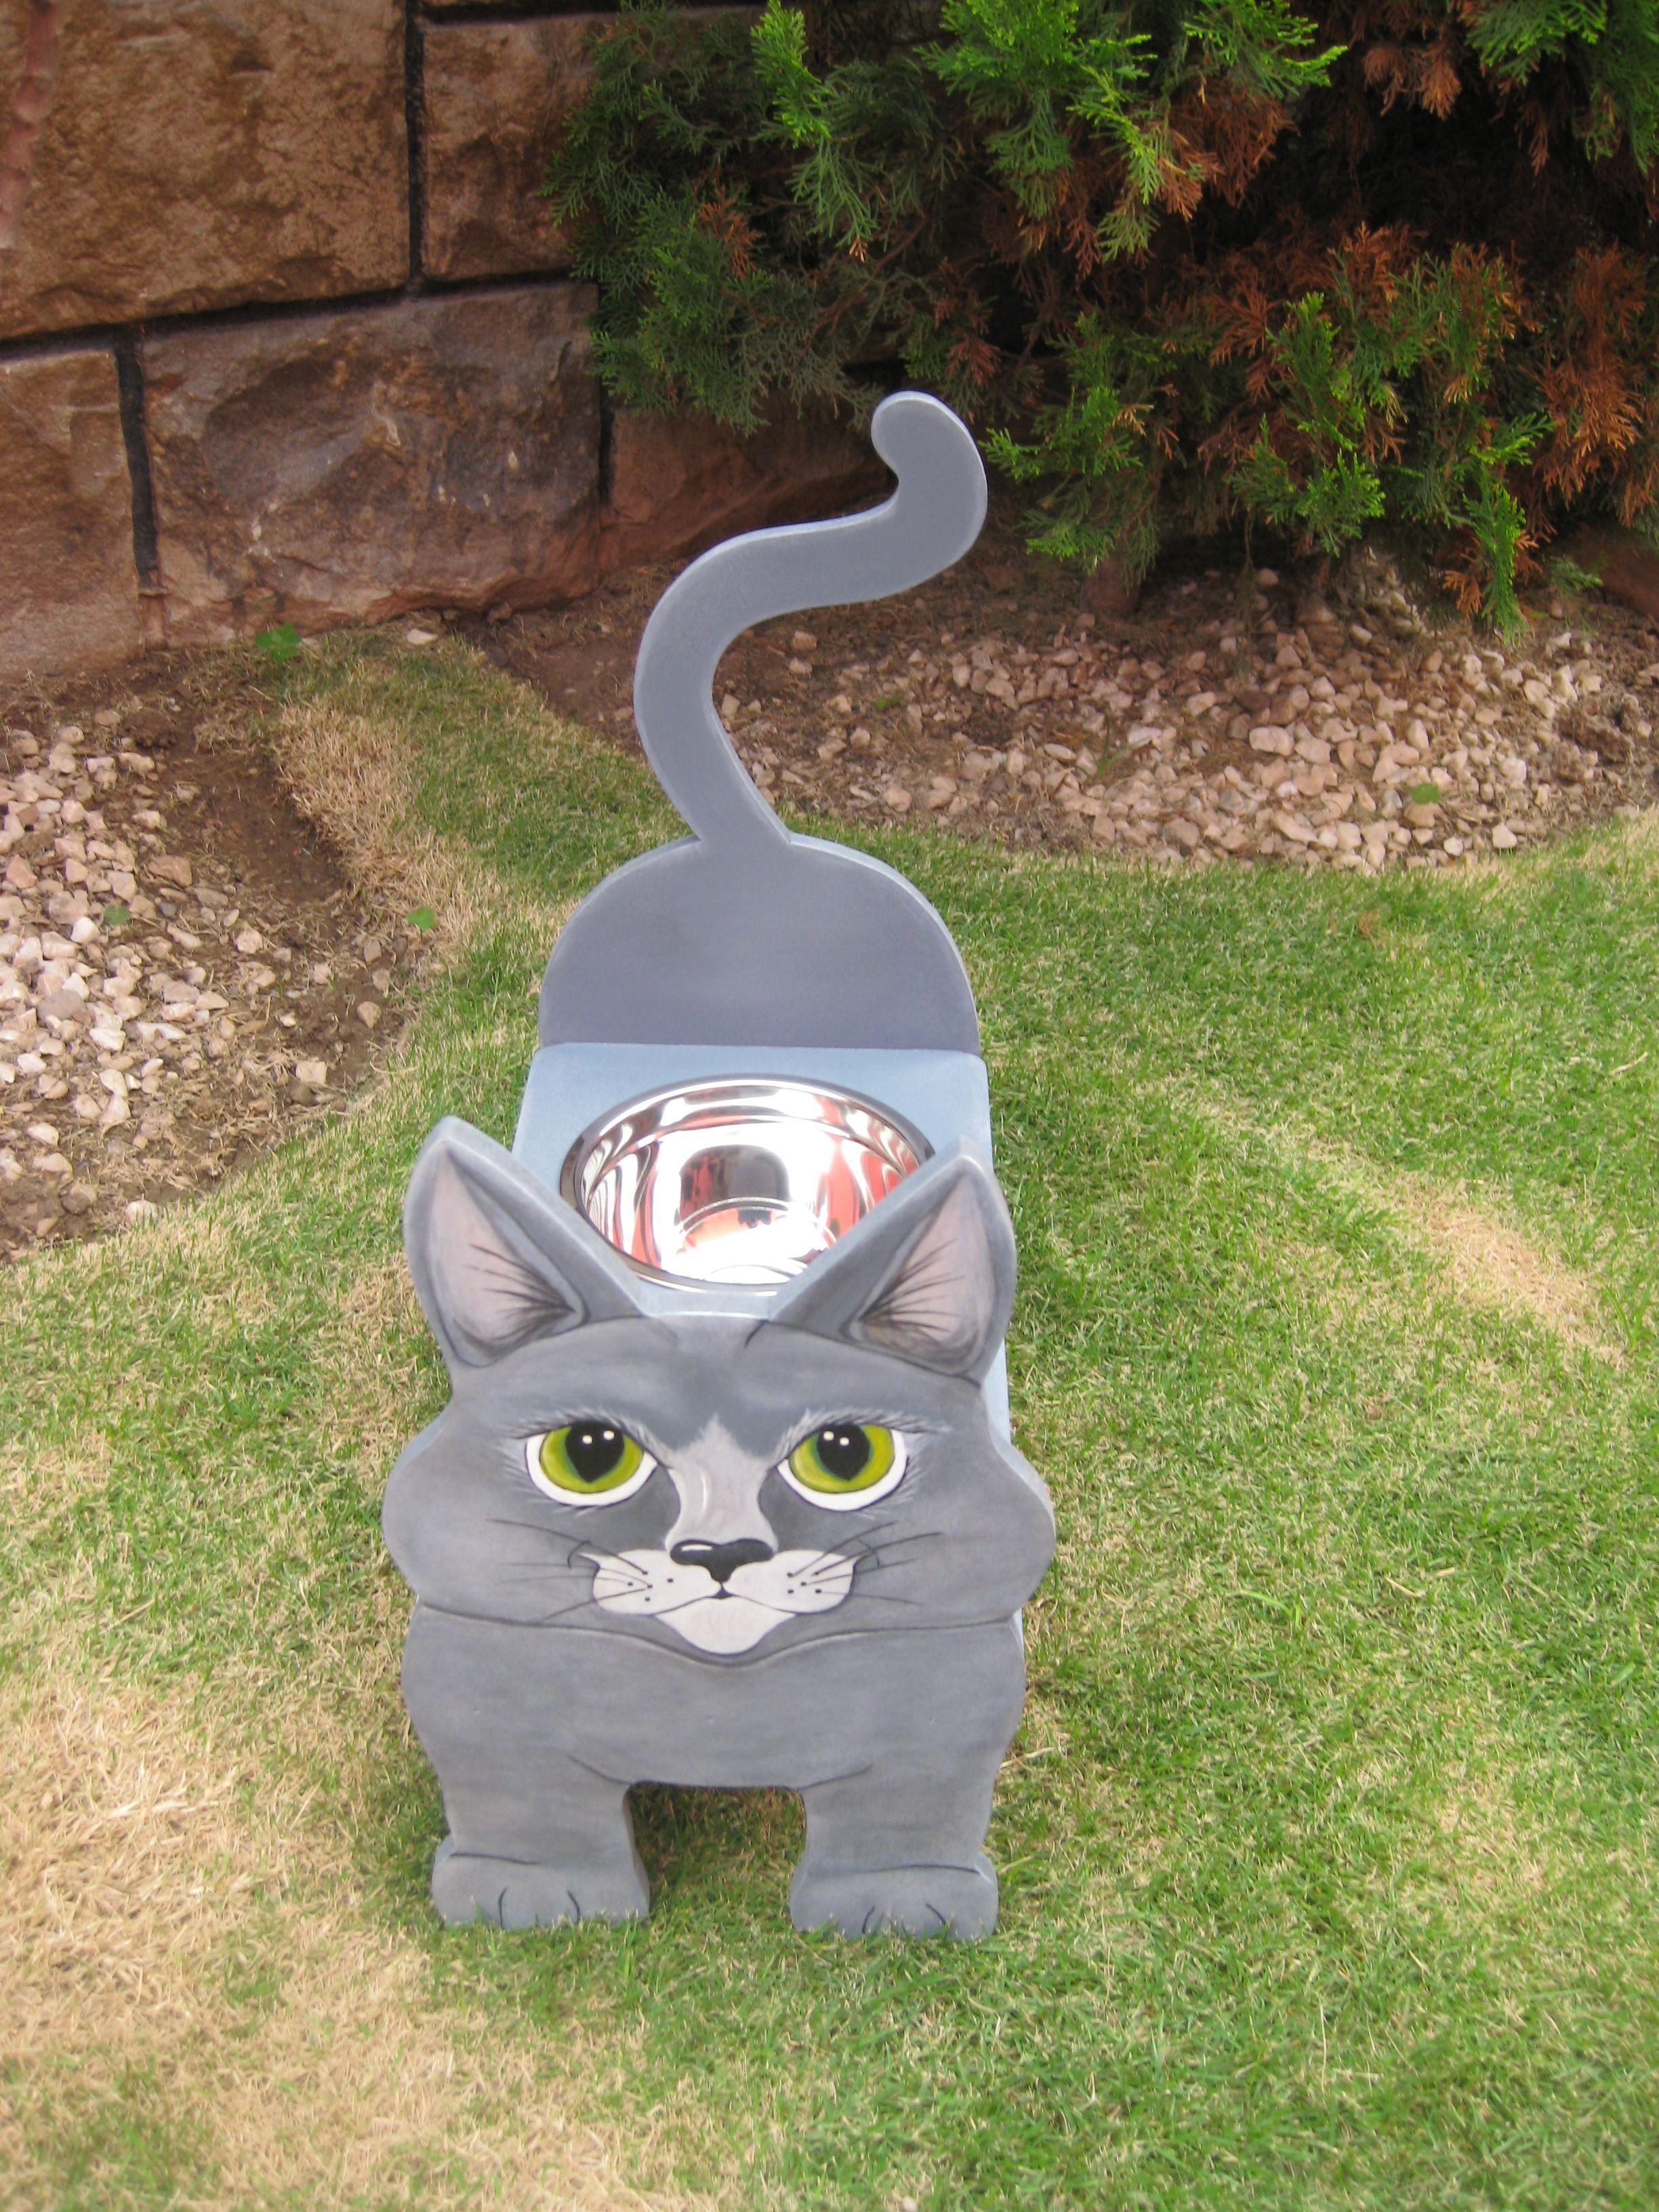 Forma De Madera Mdf Gato Gatito Kitty Animal Decoración Hogar Meow Craft